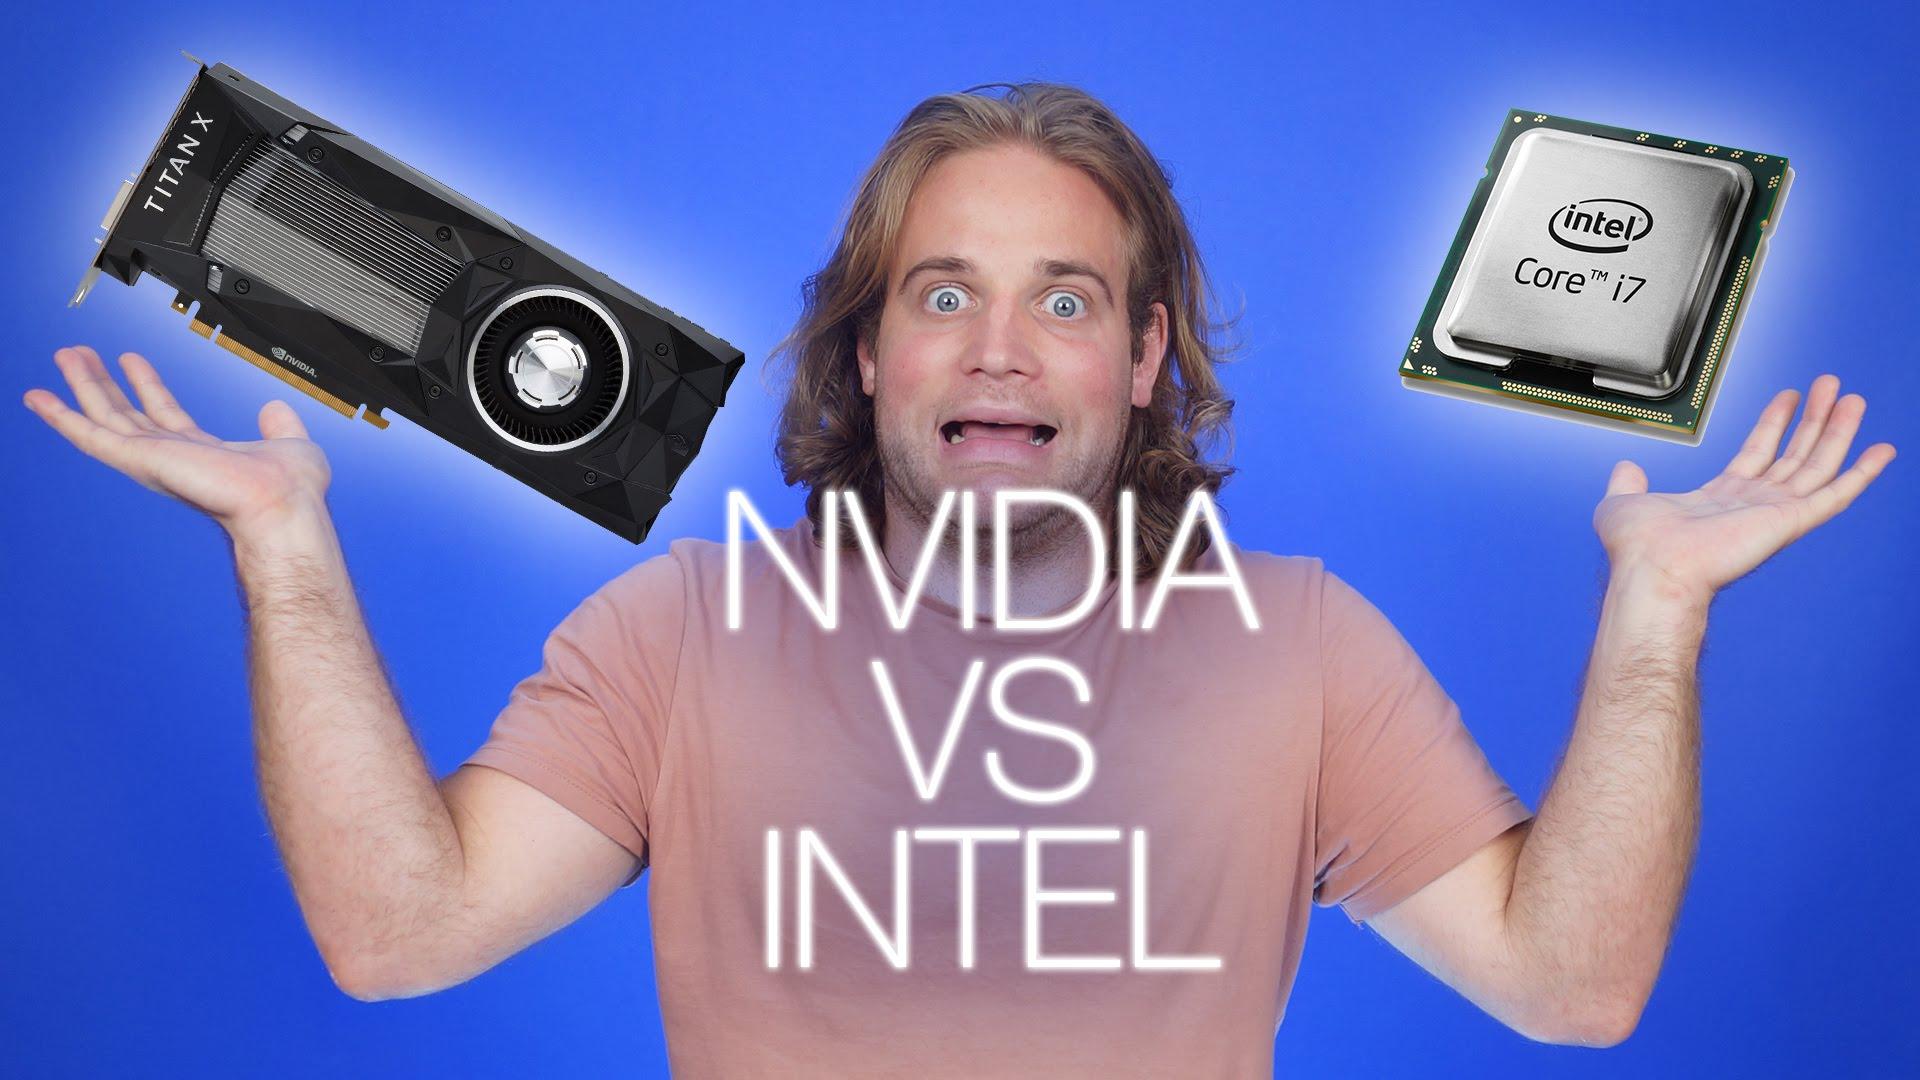 NVIDIA  afirma que Intel hizo trampa en unos benchmaks